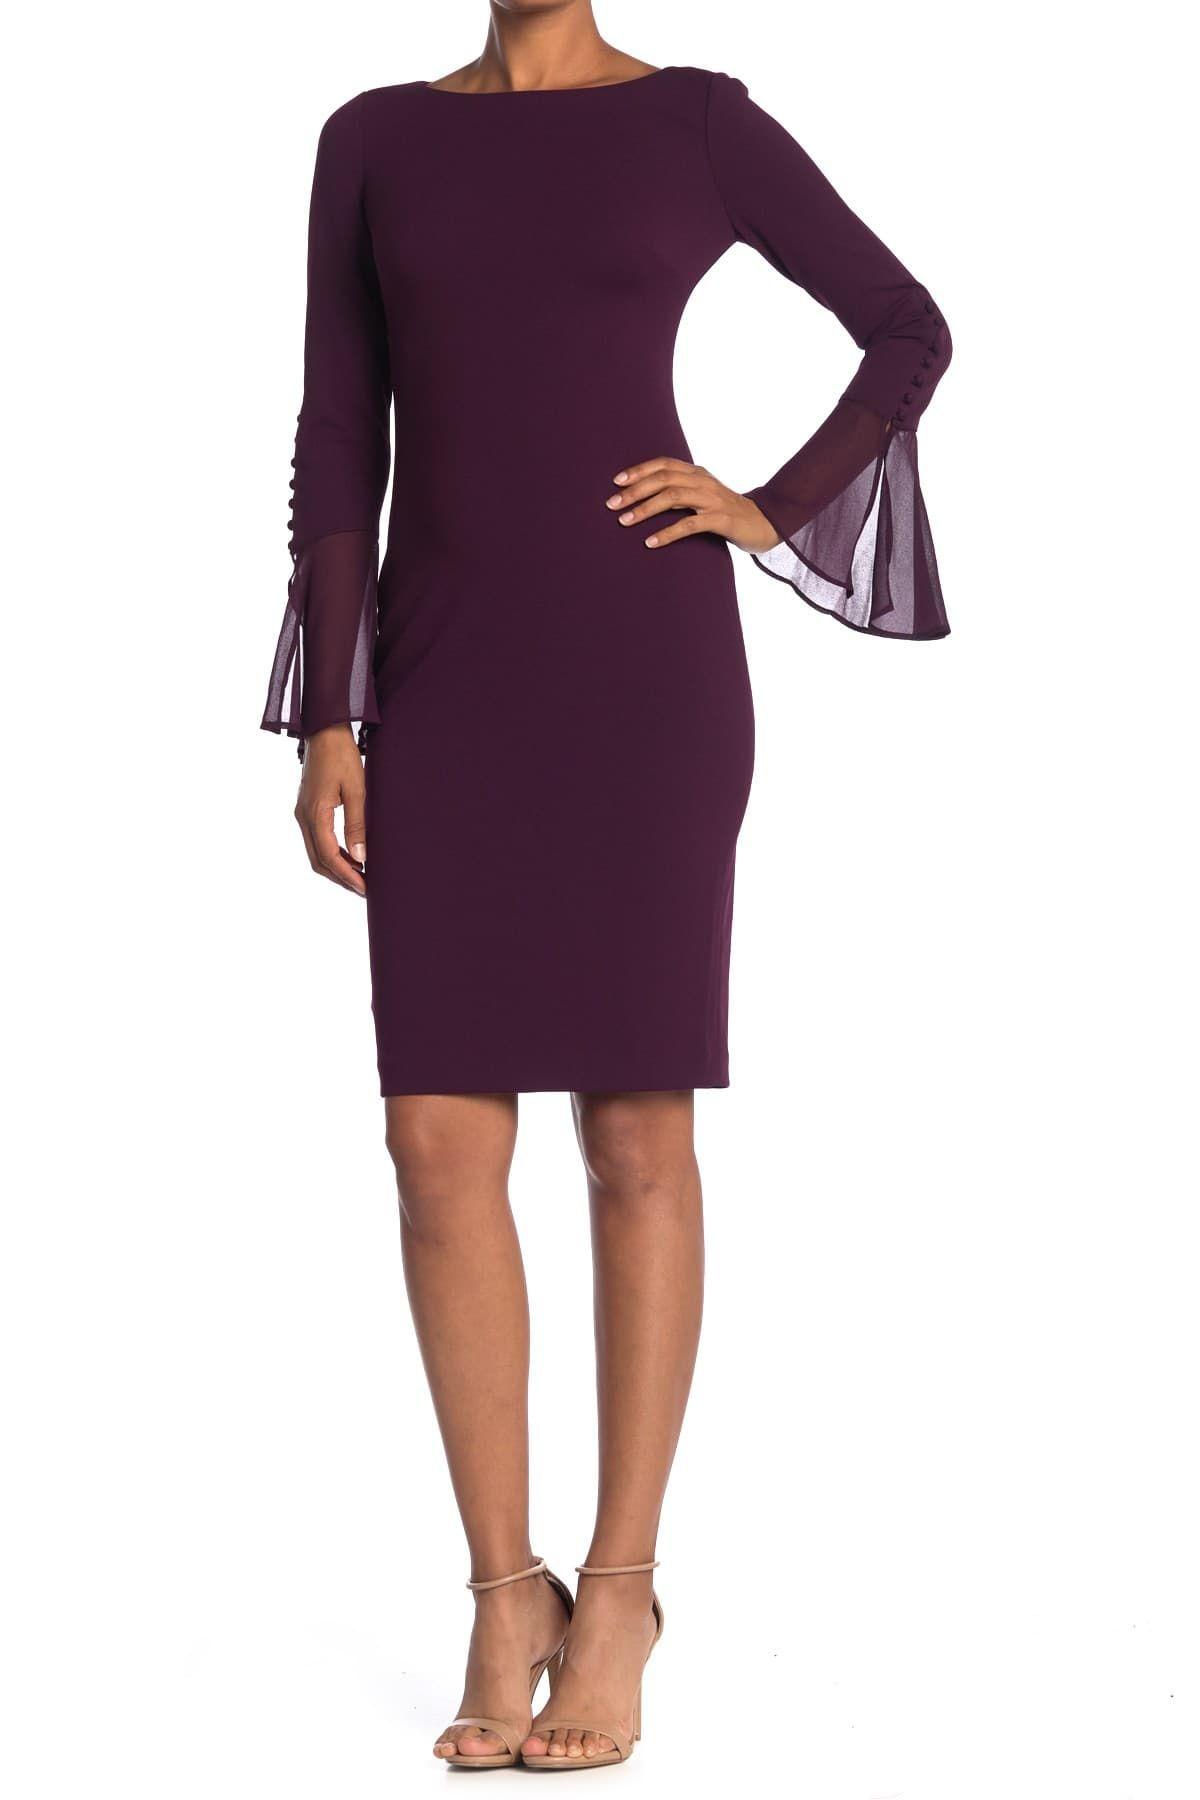 21++ Calvin klein chiffon bell sleeve dress trends